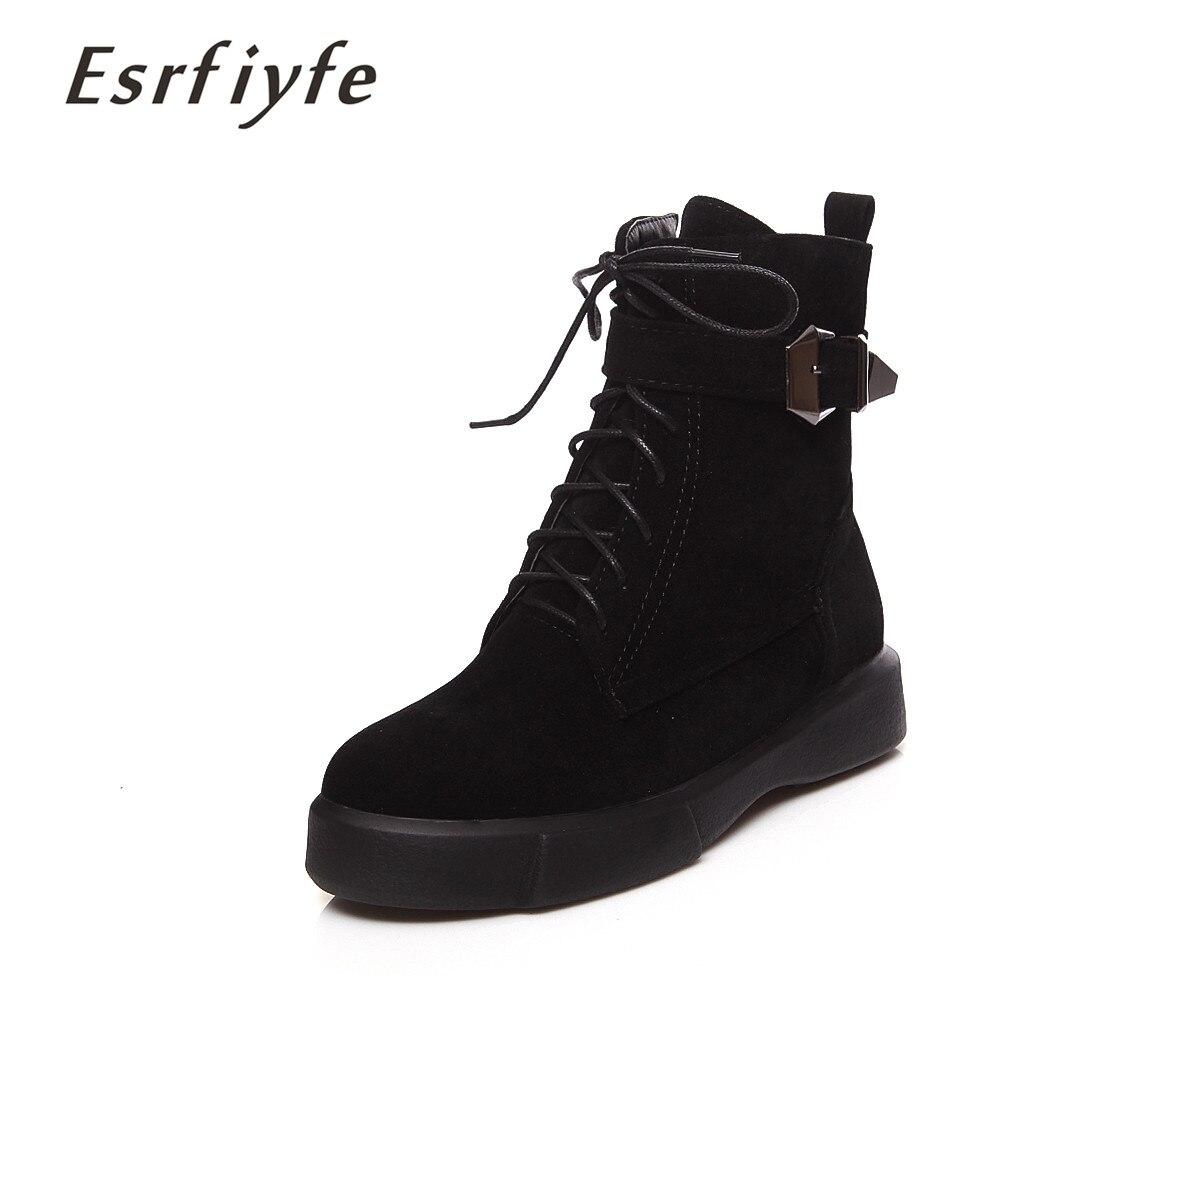 ae3a19d50c1f Apricot Troupeau Nouvelles Zapatos Cheville Peluche Martin Sneakers vert Femme  Chaussures Femmes Chaud Courtes Neige Mujer noir Esrfiyfe 2018 ...